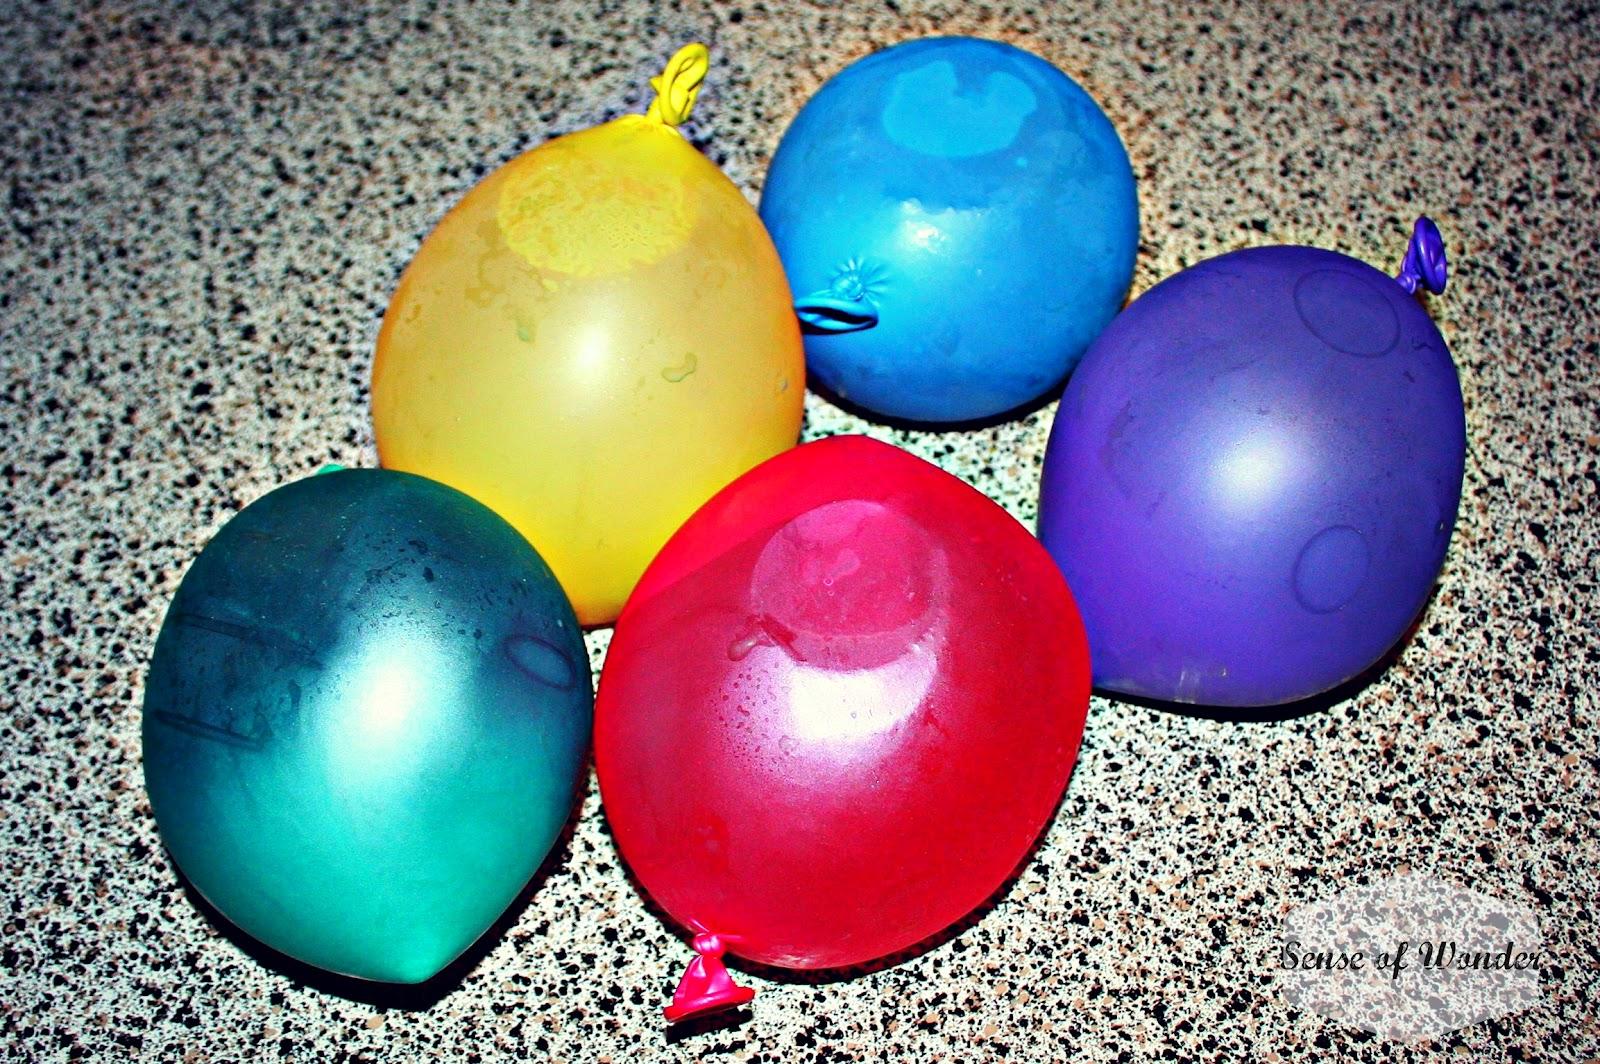 Ice Balloons 14